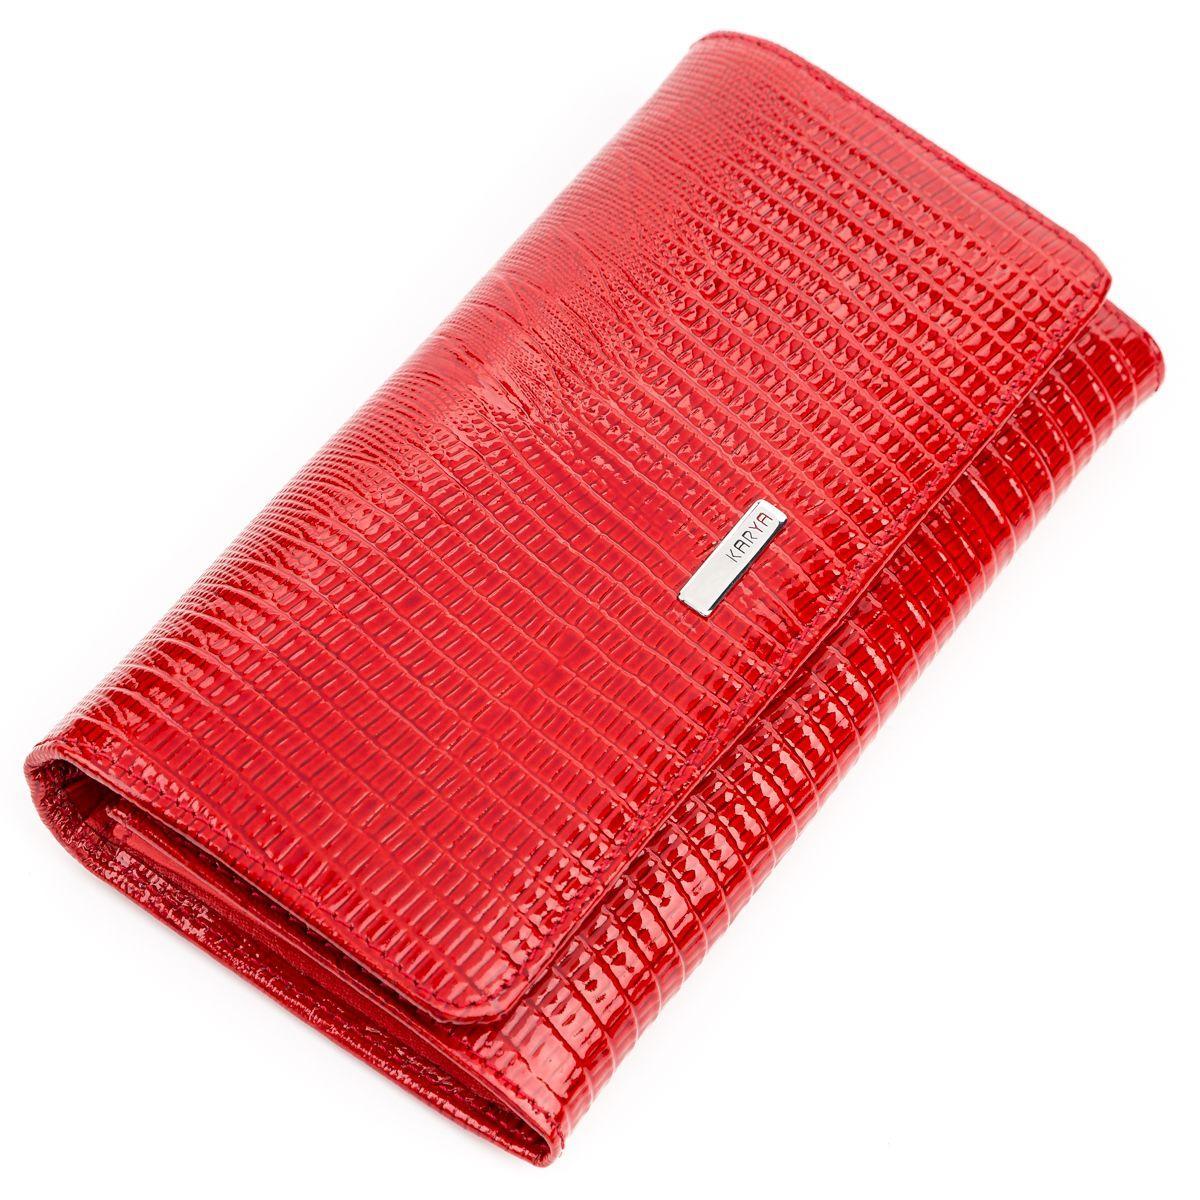 Кошелек женский KARYA 17153 кожаный Красный, Красный